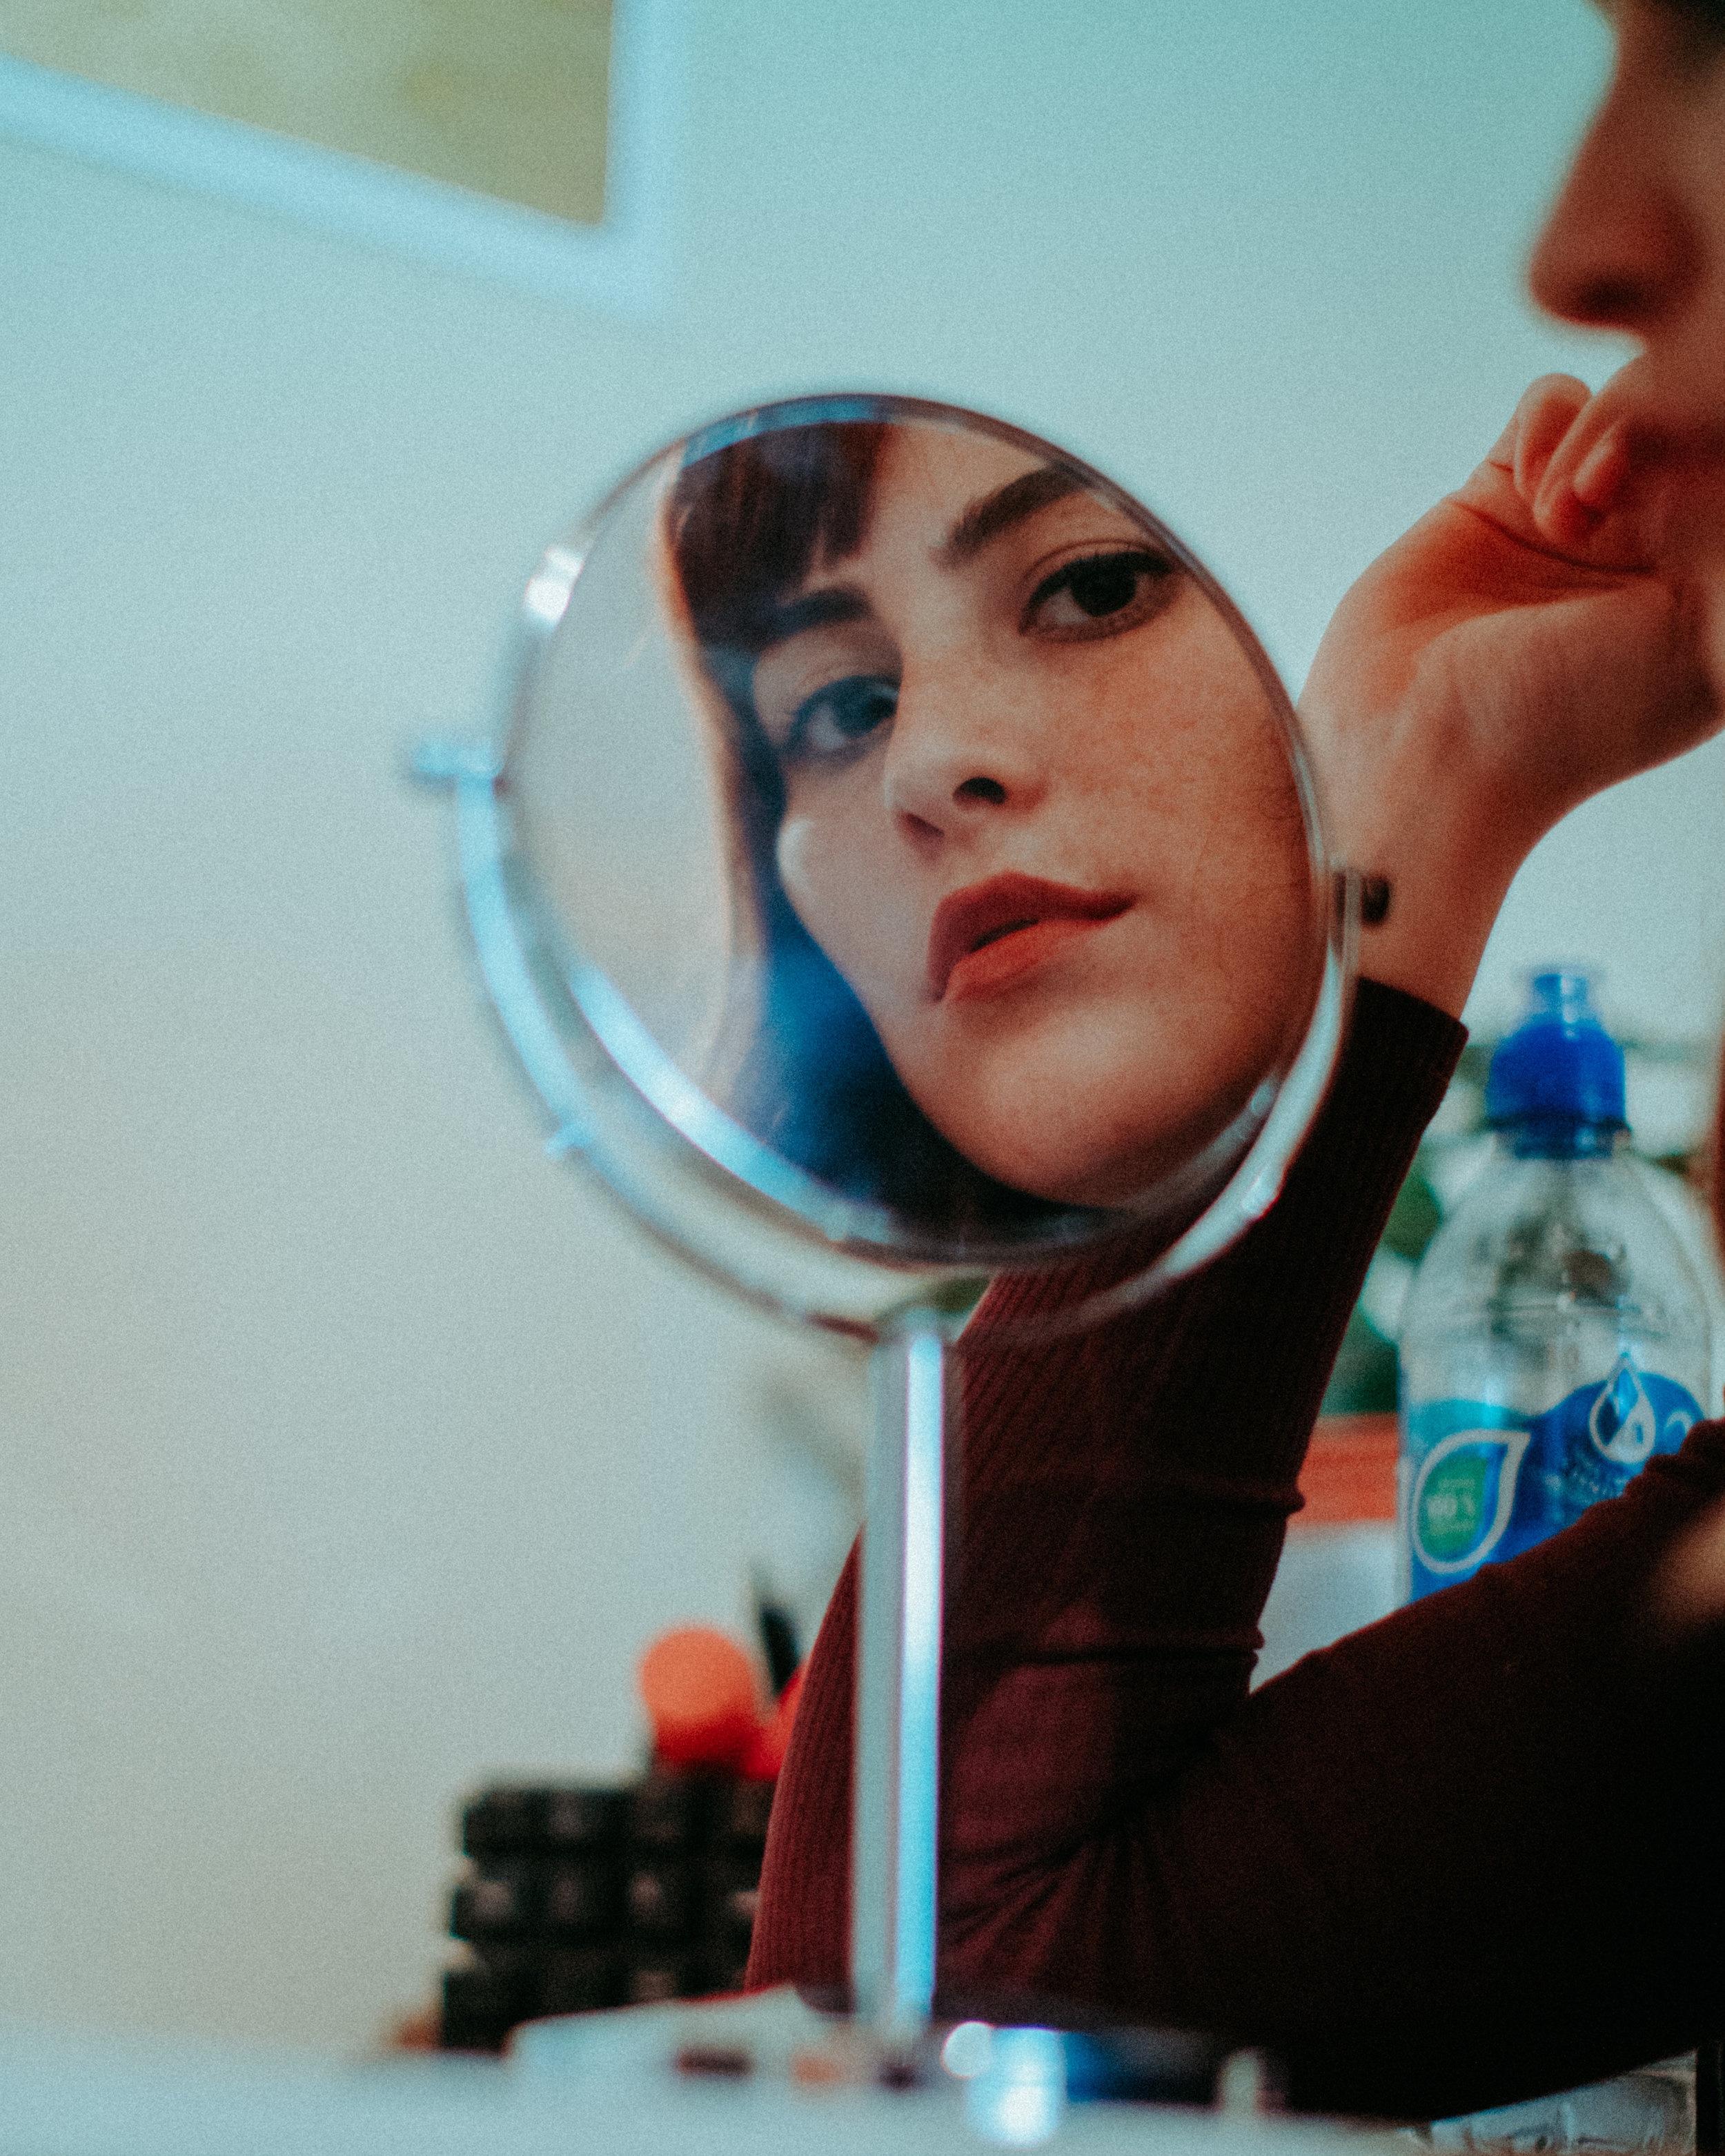 Mirror mirror, tell me -